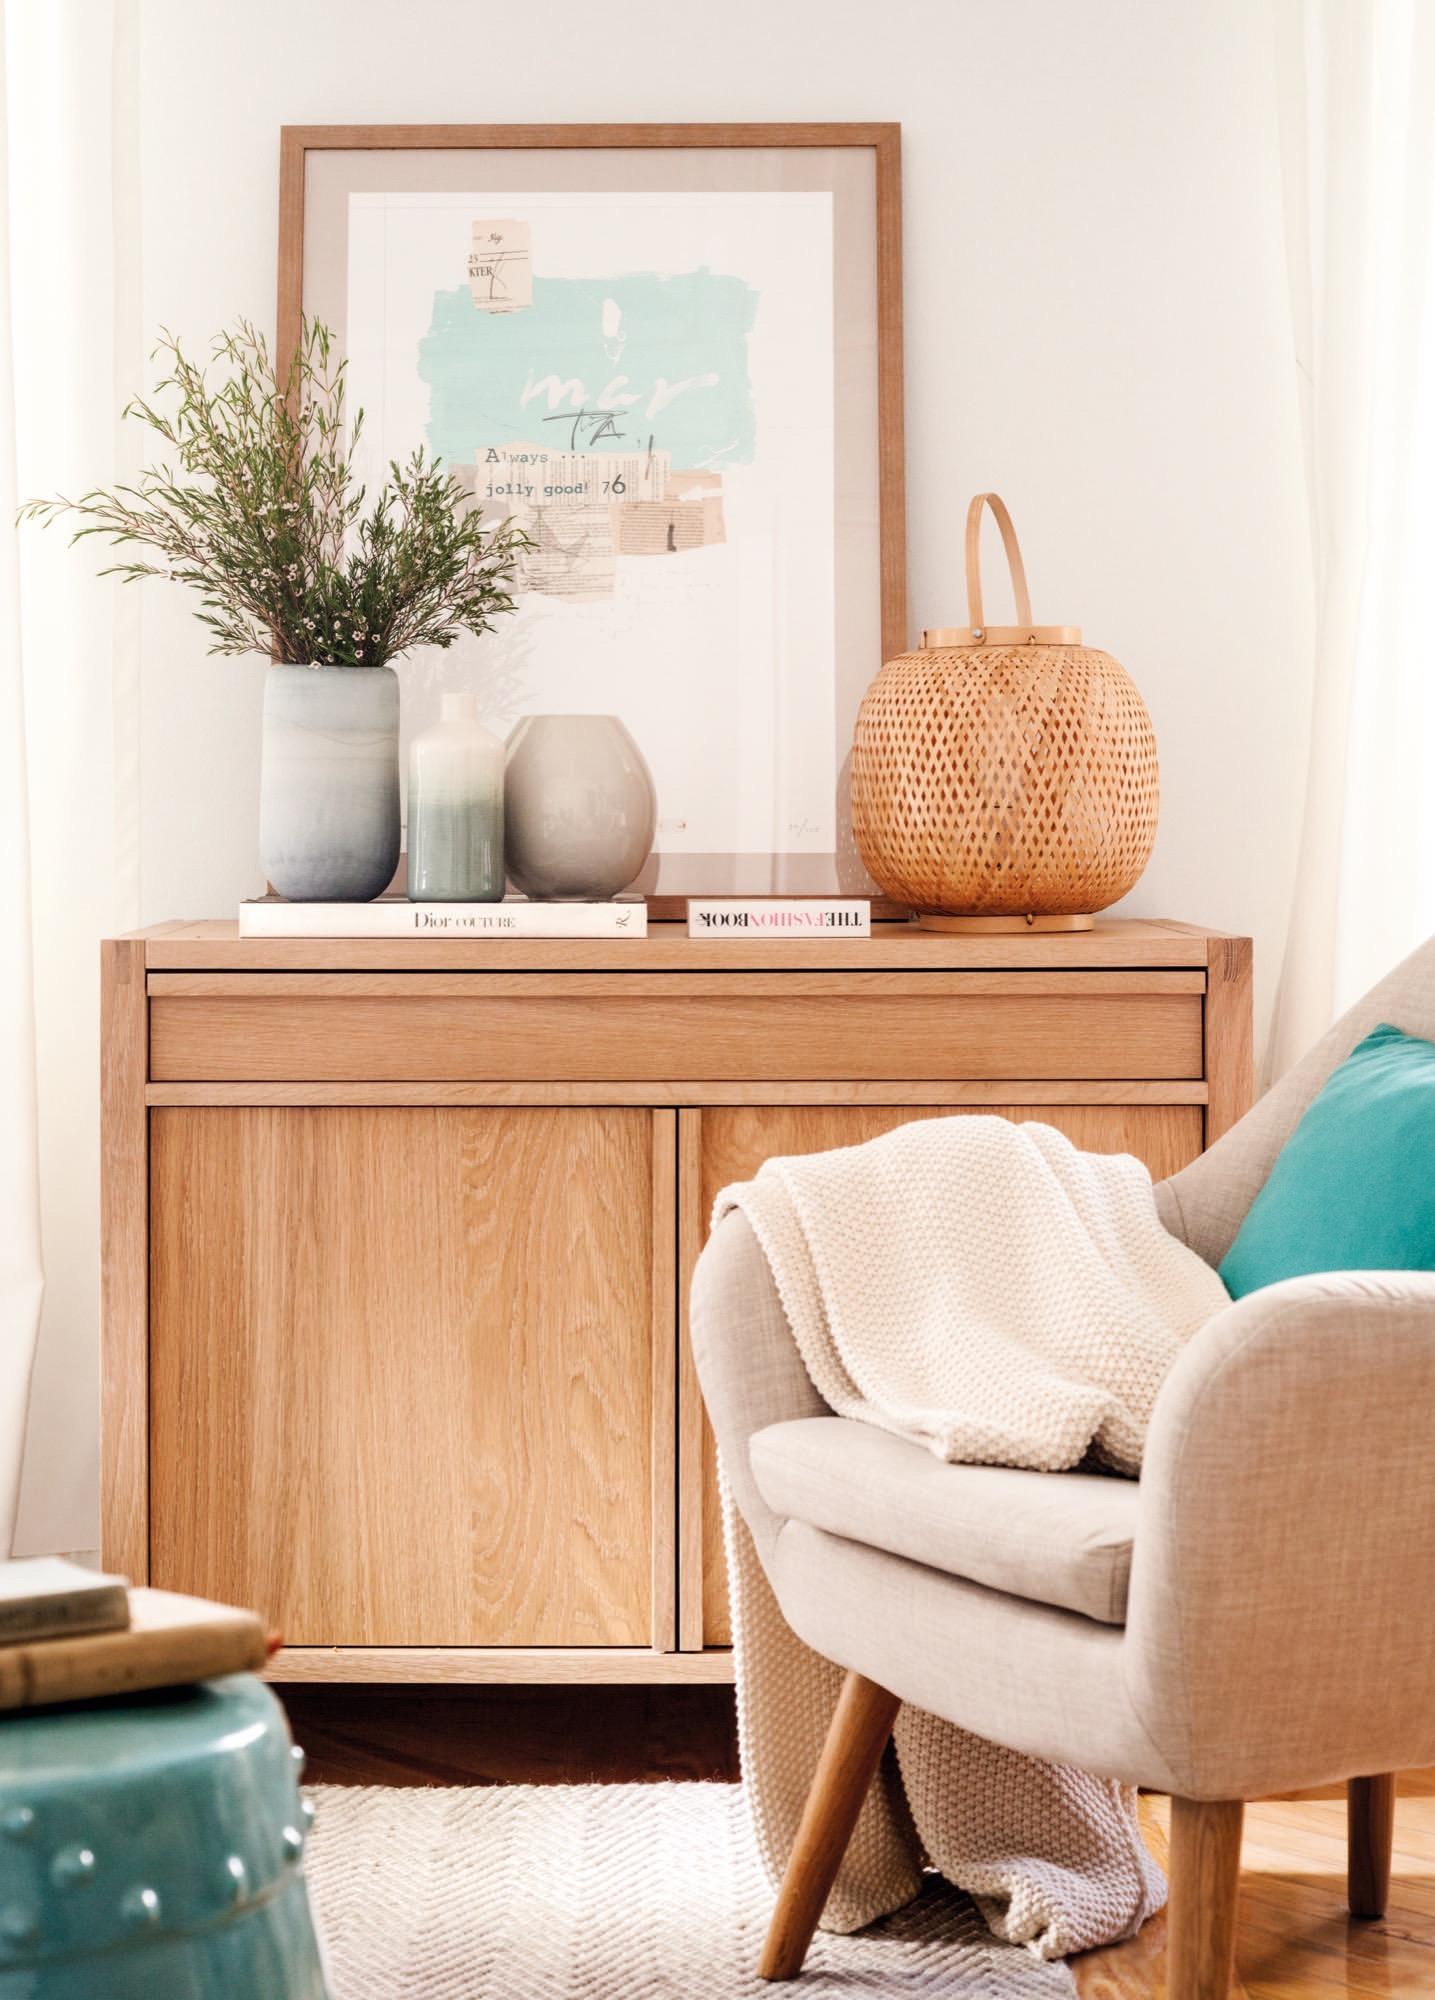 Muebles definicion en ingles obtenga ideas dise o de for Casas de muebles en montevideo